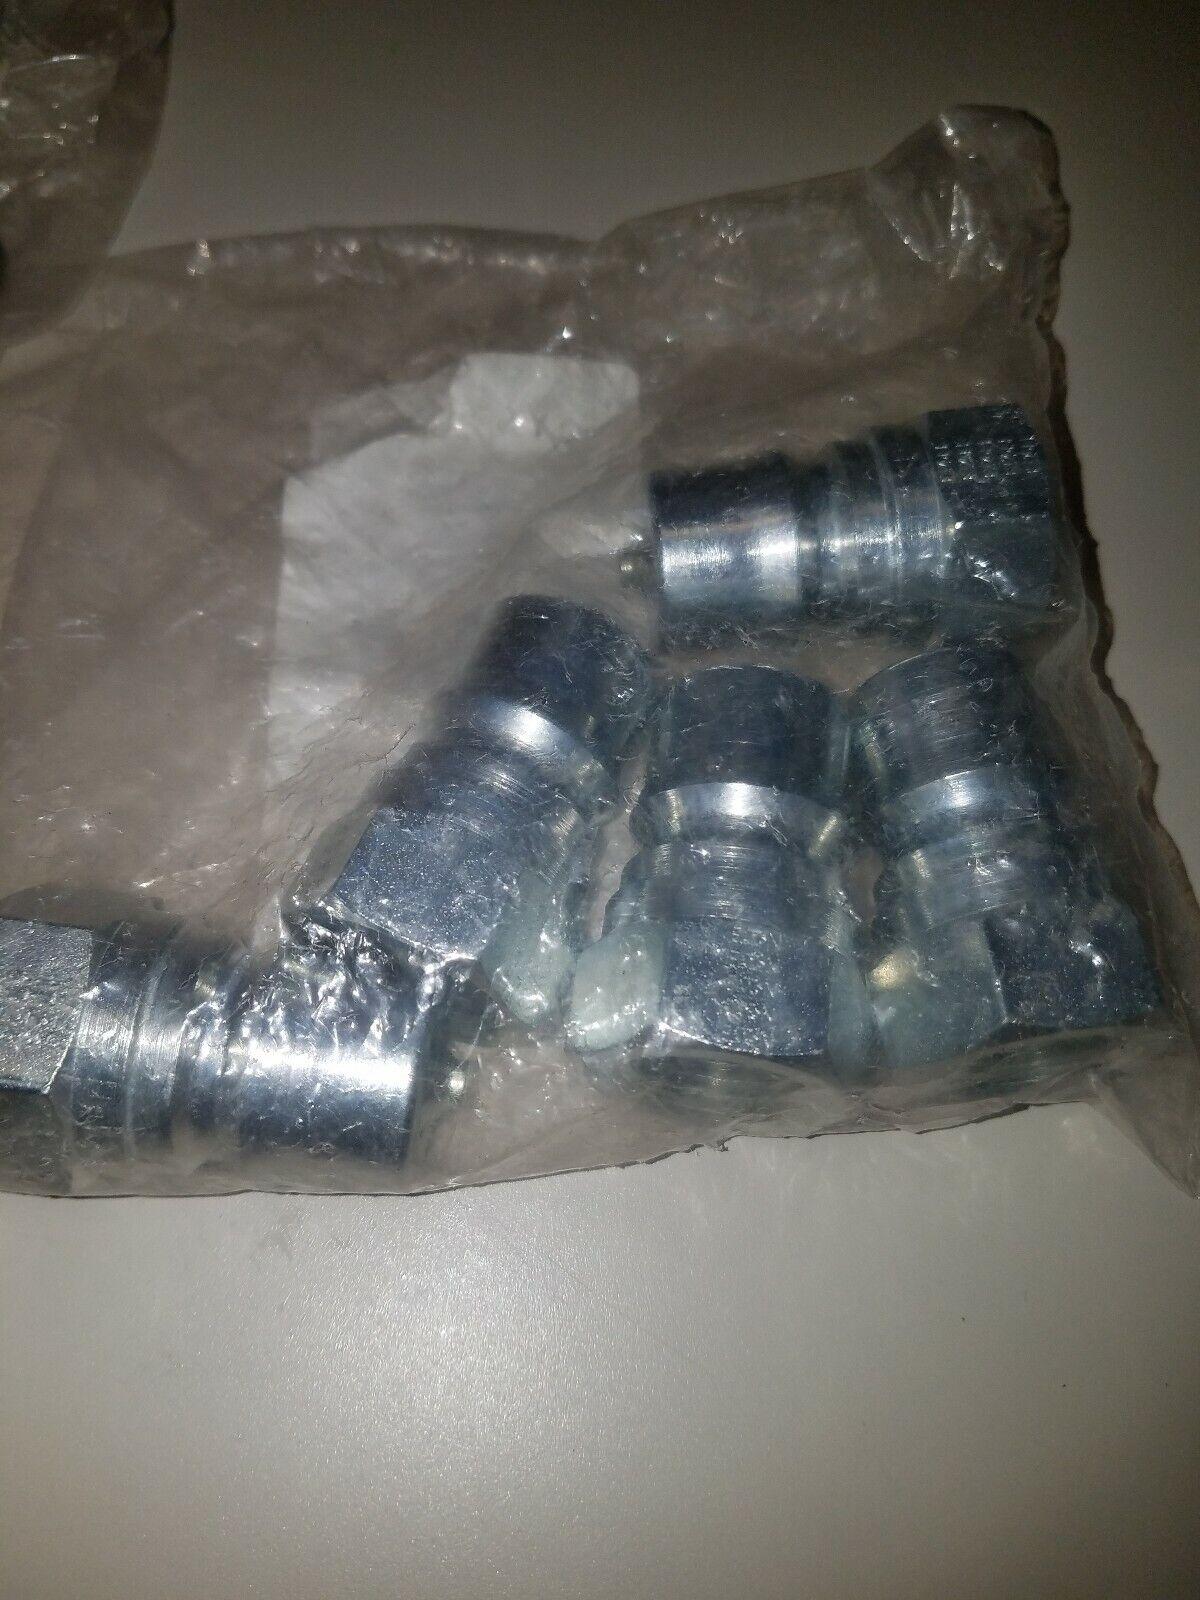 11.3mm HSSCo8 COBALT HEAVY DUTY JOBBER DRILL EUROPA TOOL OSBORN 8207021130  P130